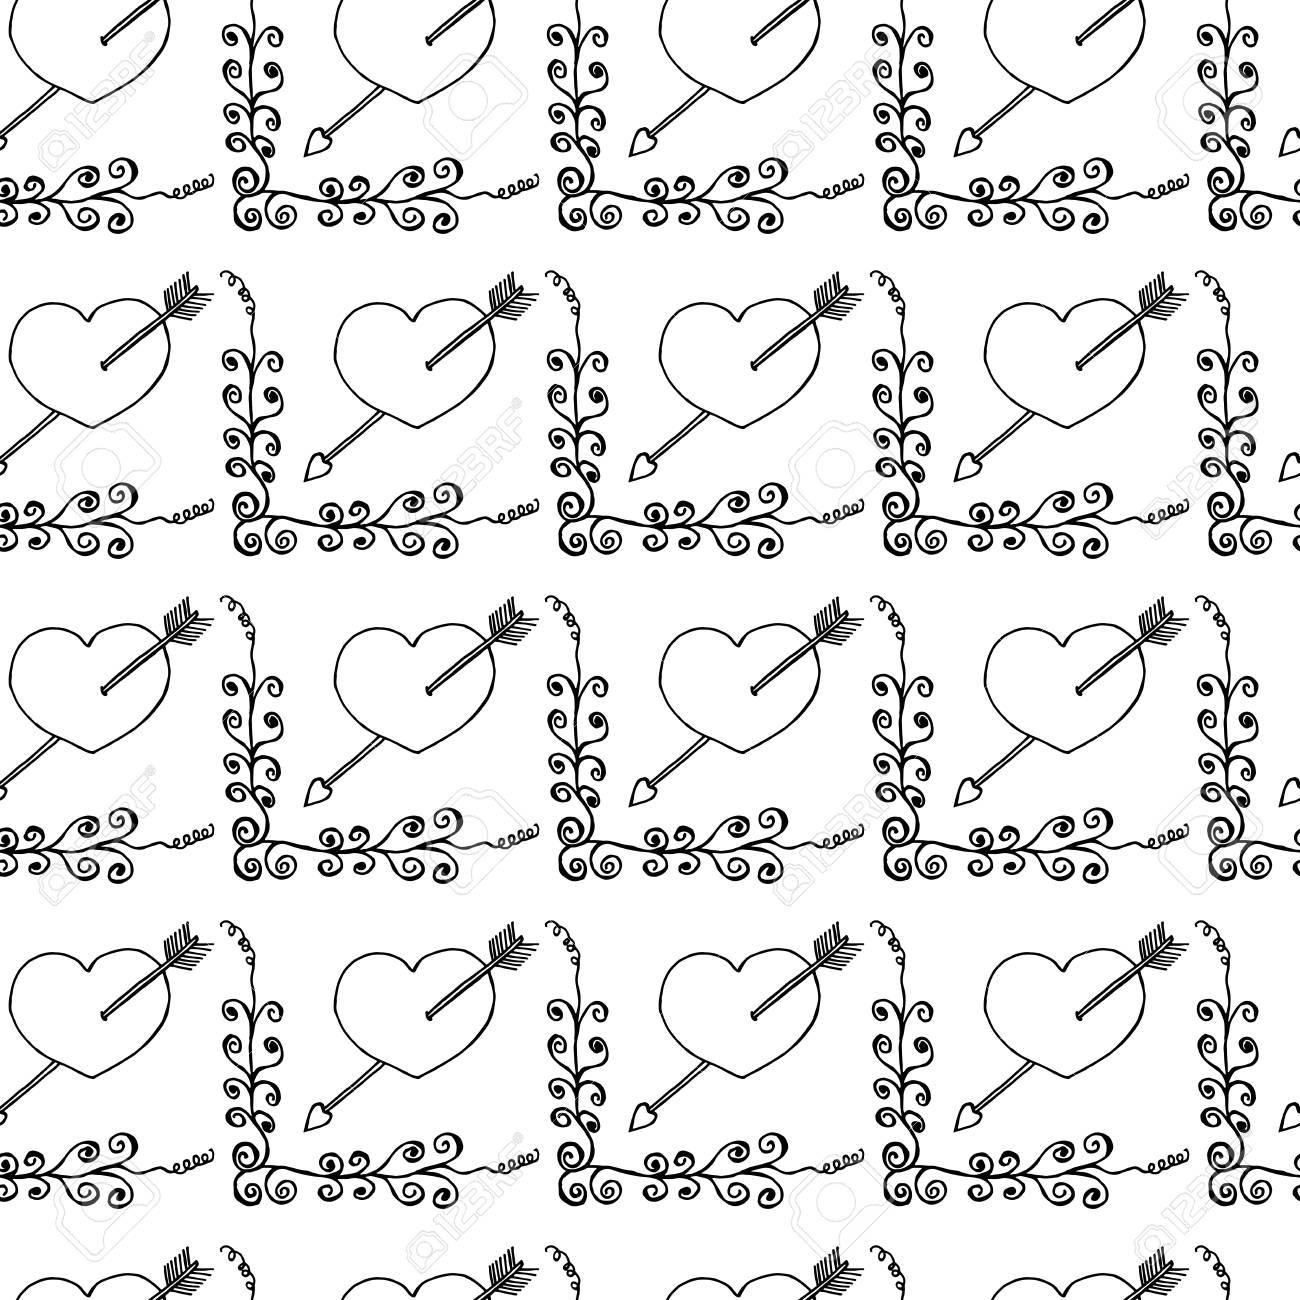 Dibujo A Mano Doodled Patrón Con Corazones Románticos Ilustración De Vector Dibujado A Mano Fondo Perfecto Del Bosquejo Inconsútil Para El Día De